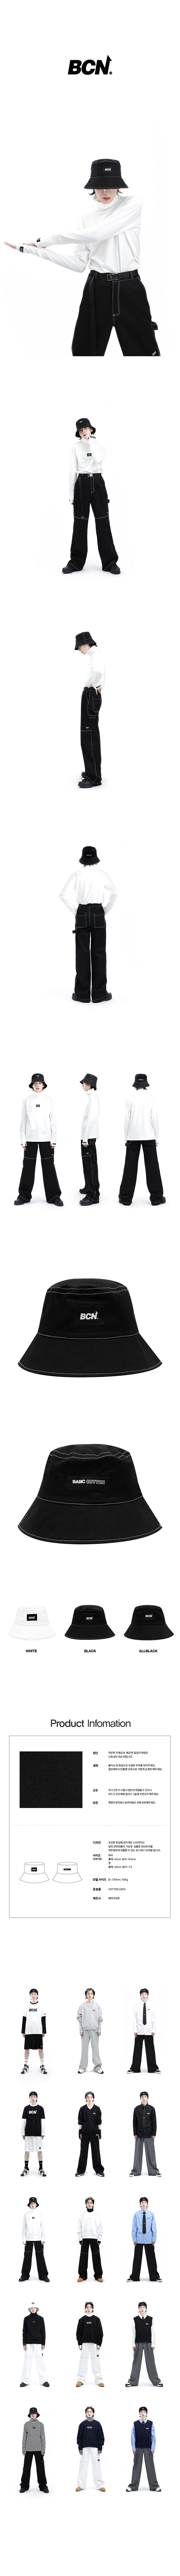 BCN Stitch Bucket Hat - BLACK